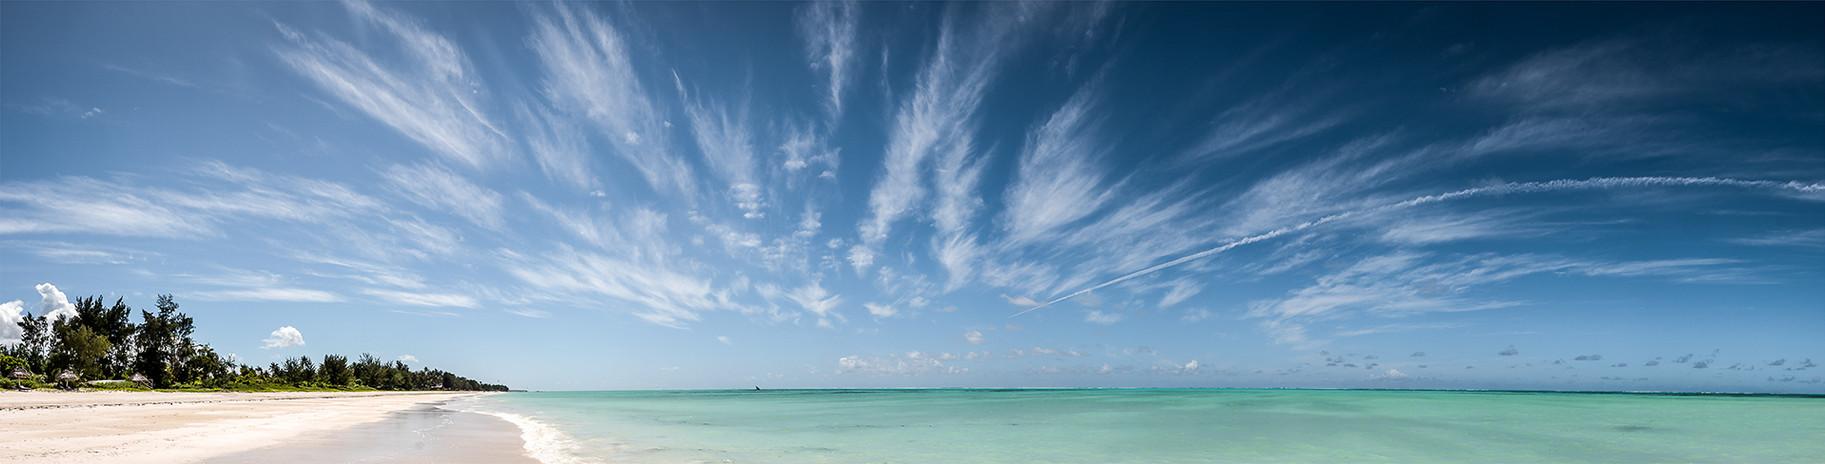 panoramic-beachjpg